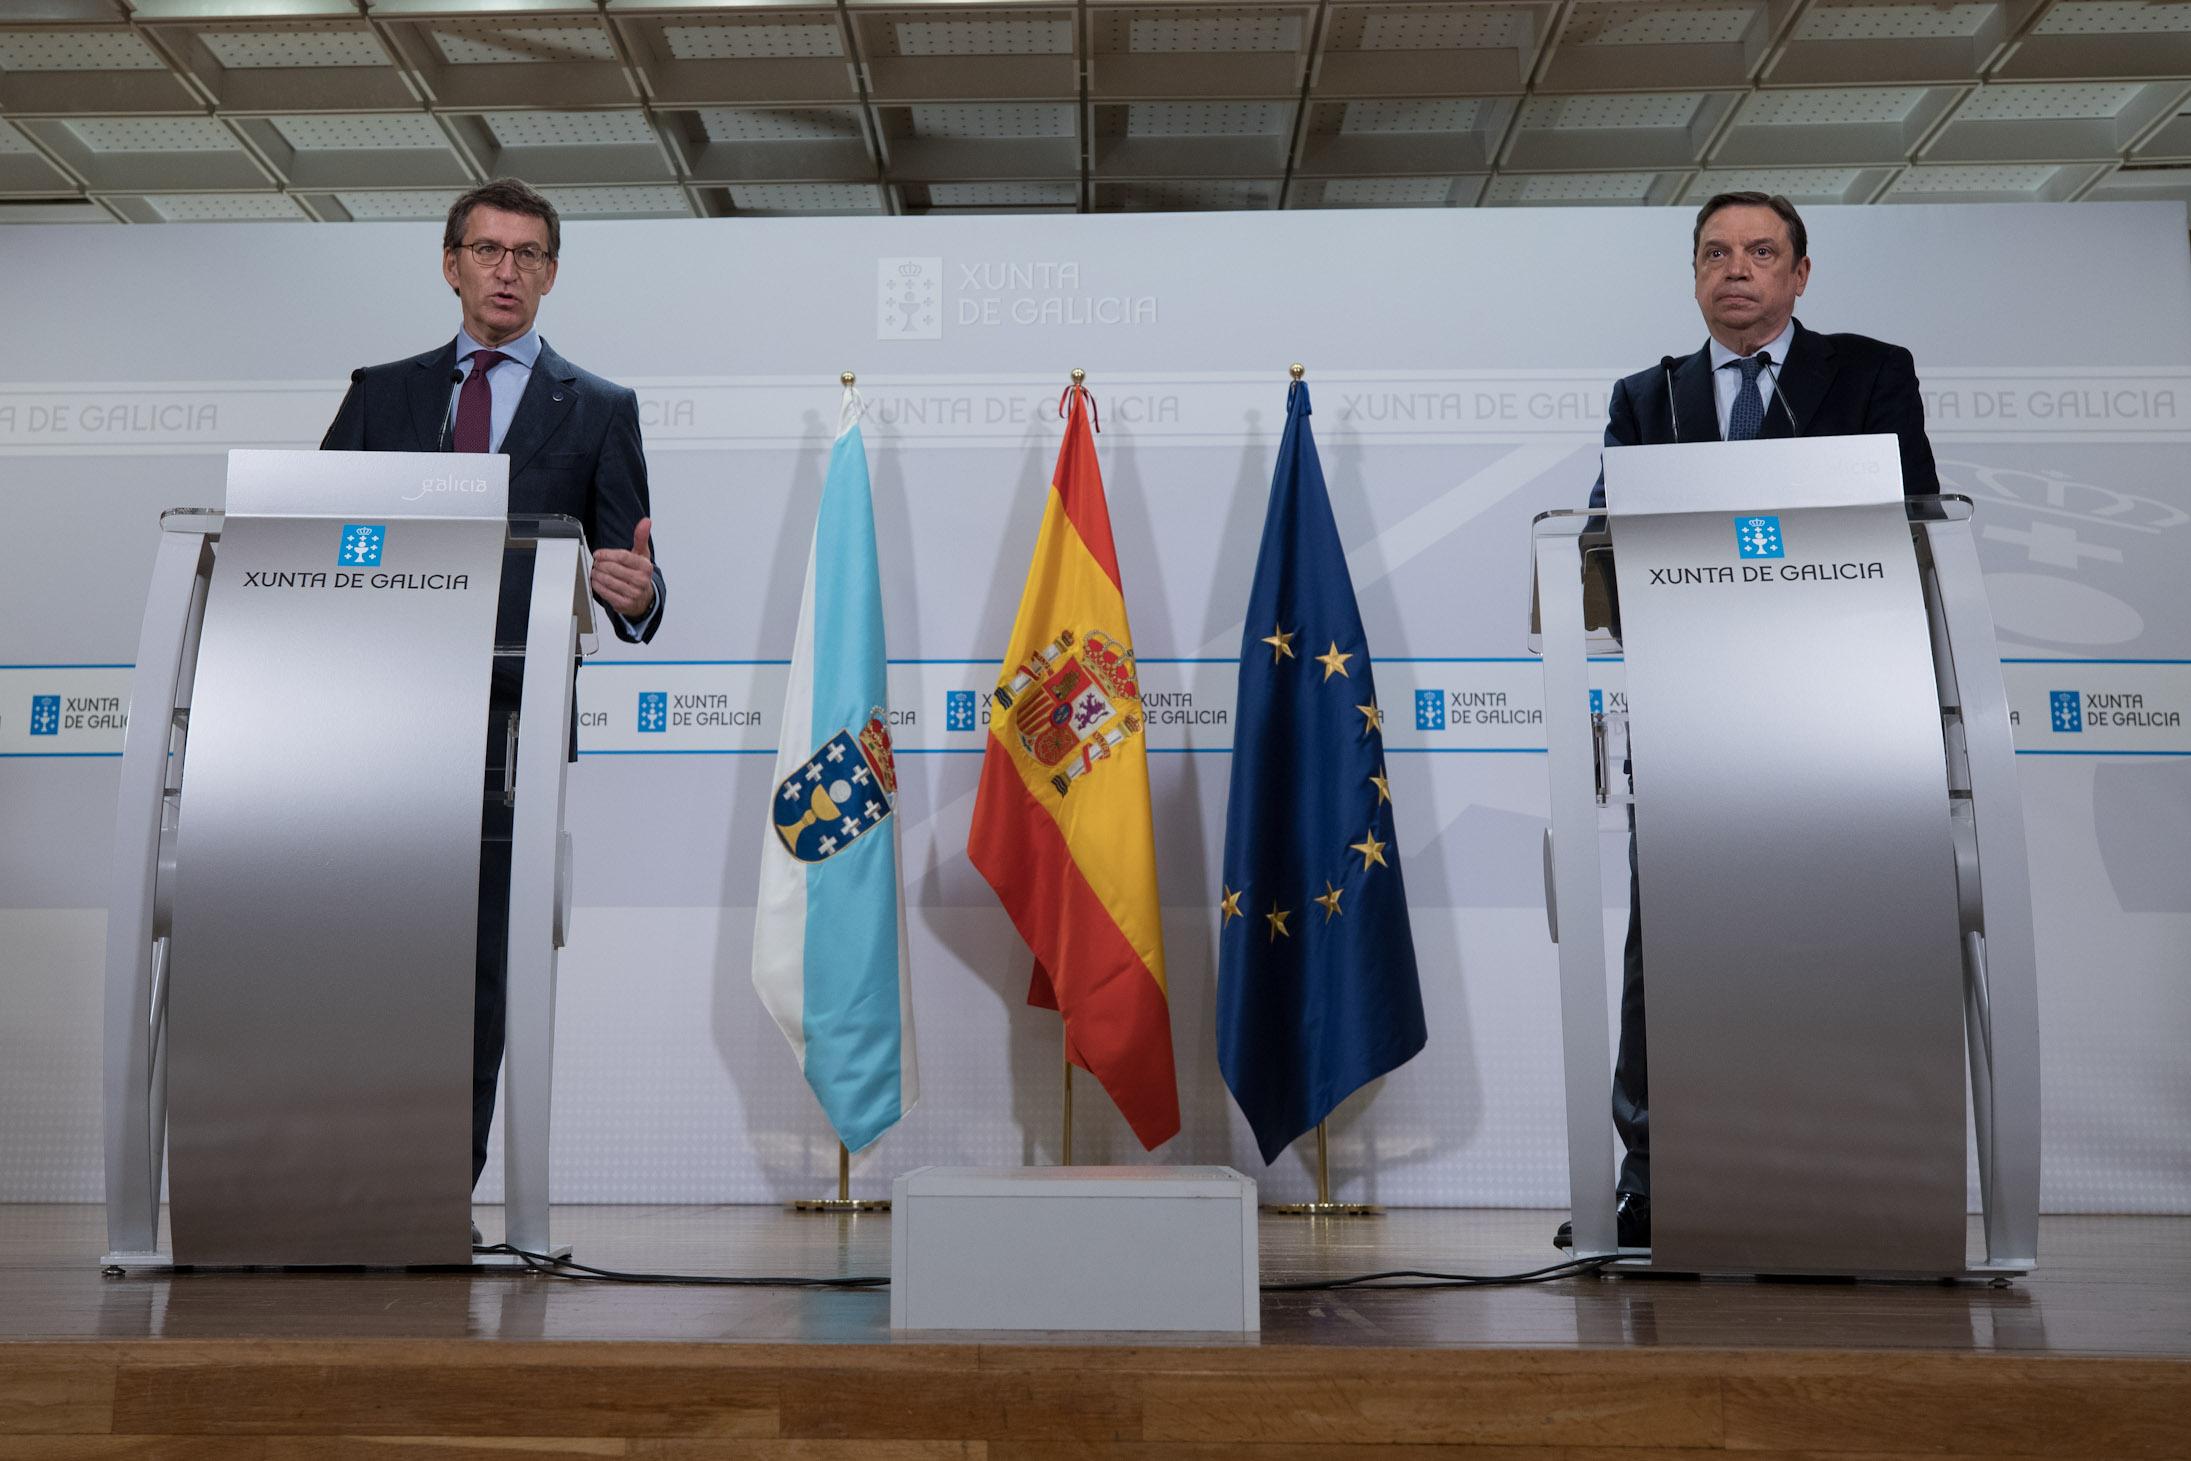 Planas traslada la voluntad del Gobierno de cooperar con Galicia en materia de agricultura, pesca y medio rural